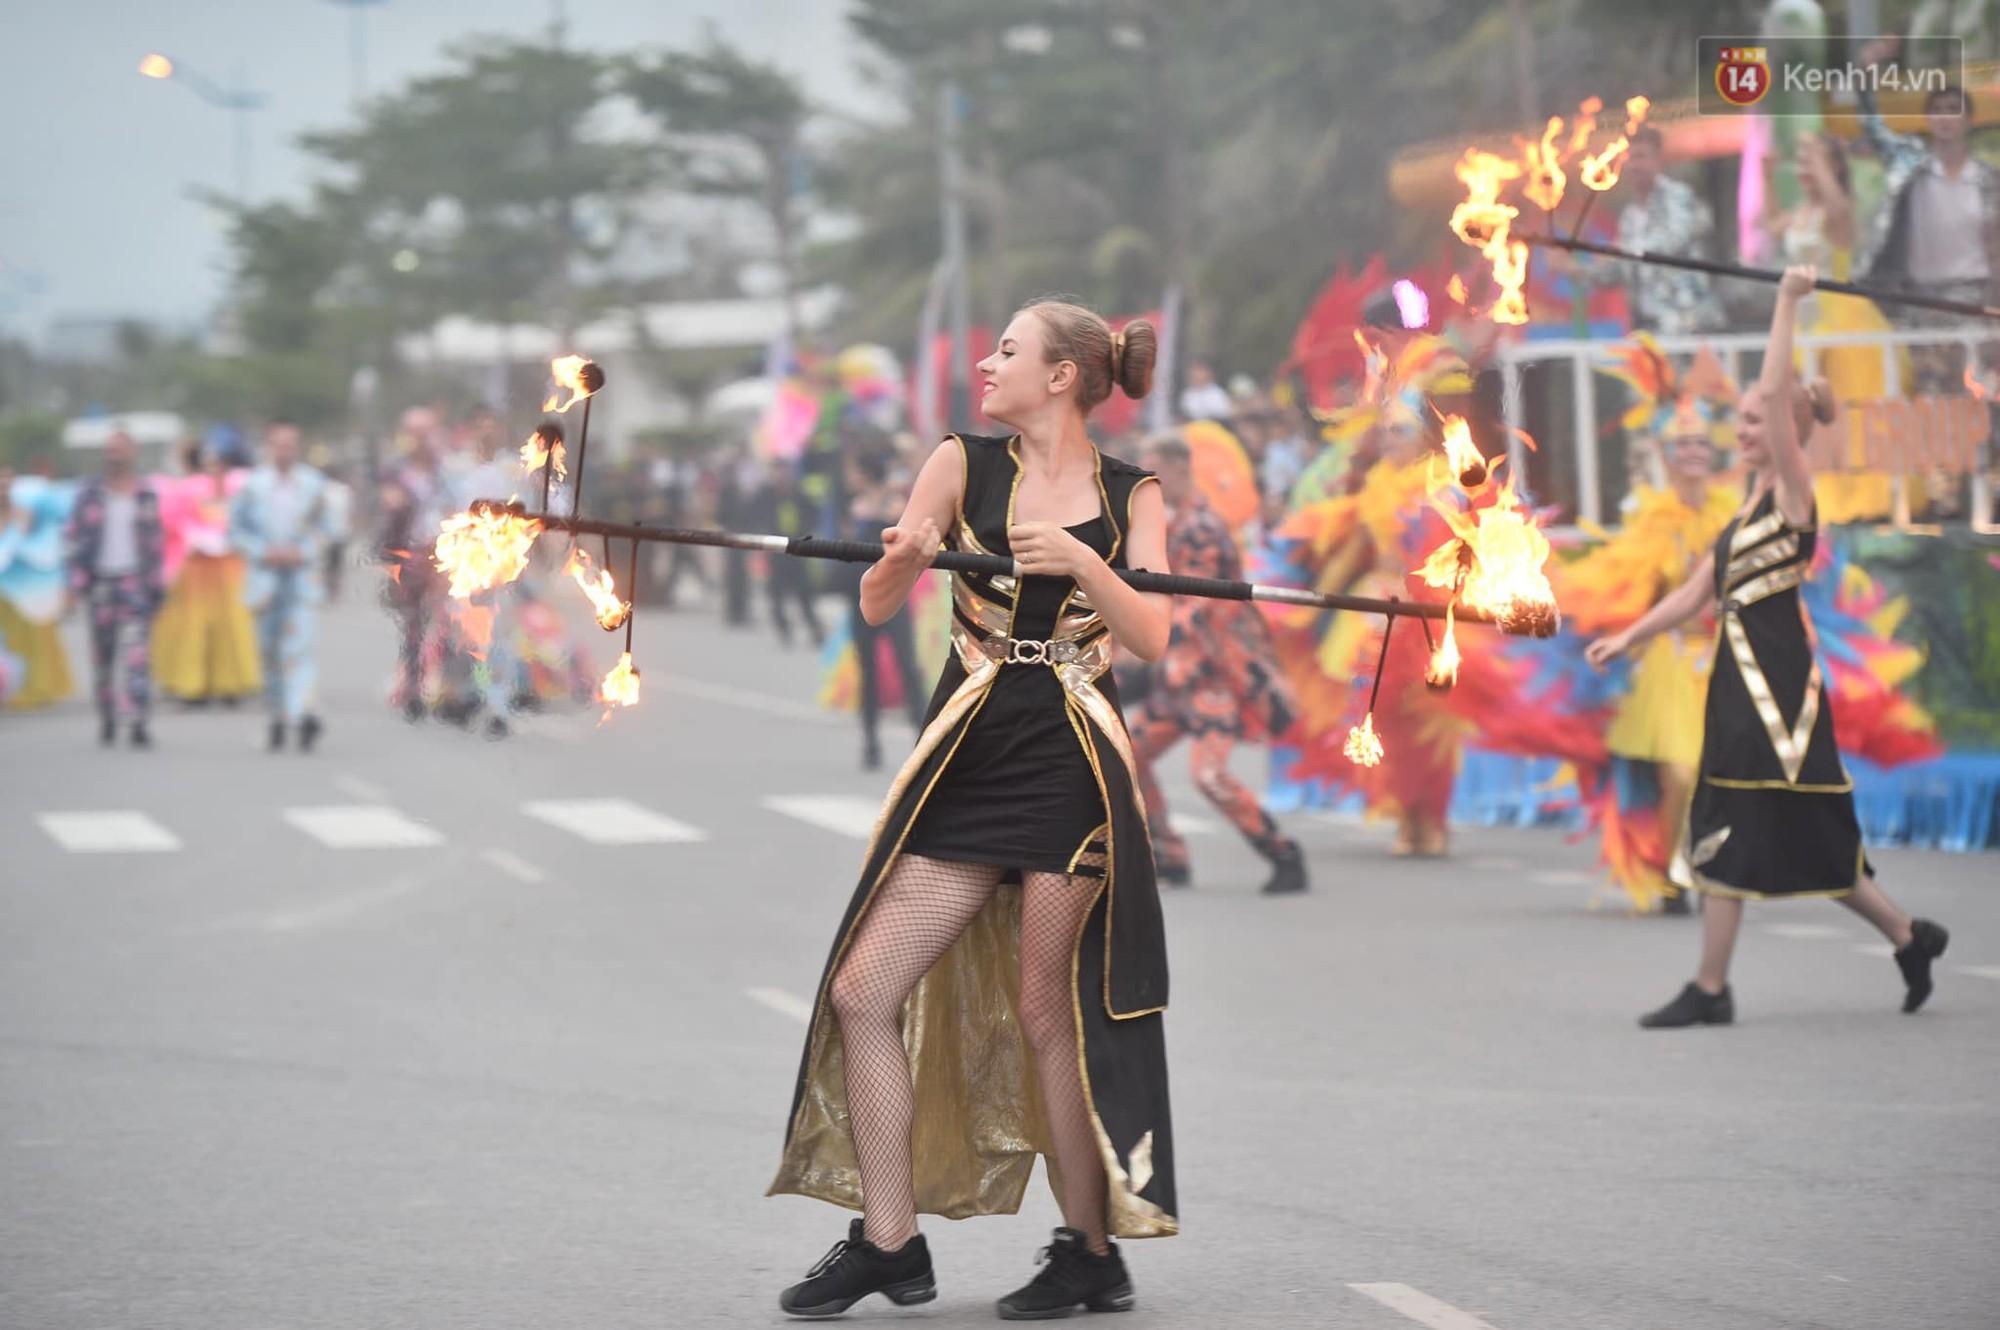 Màn Canaval sinh động và giao lưu với khán giả ấn tượng tại lễ hội du lịch biển Sầm Sơn - Ảnh 6.